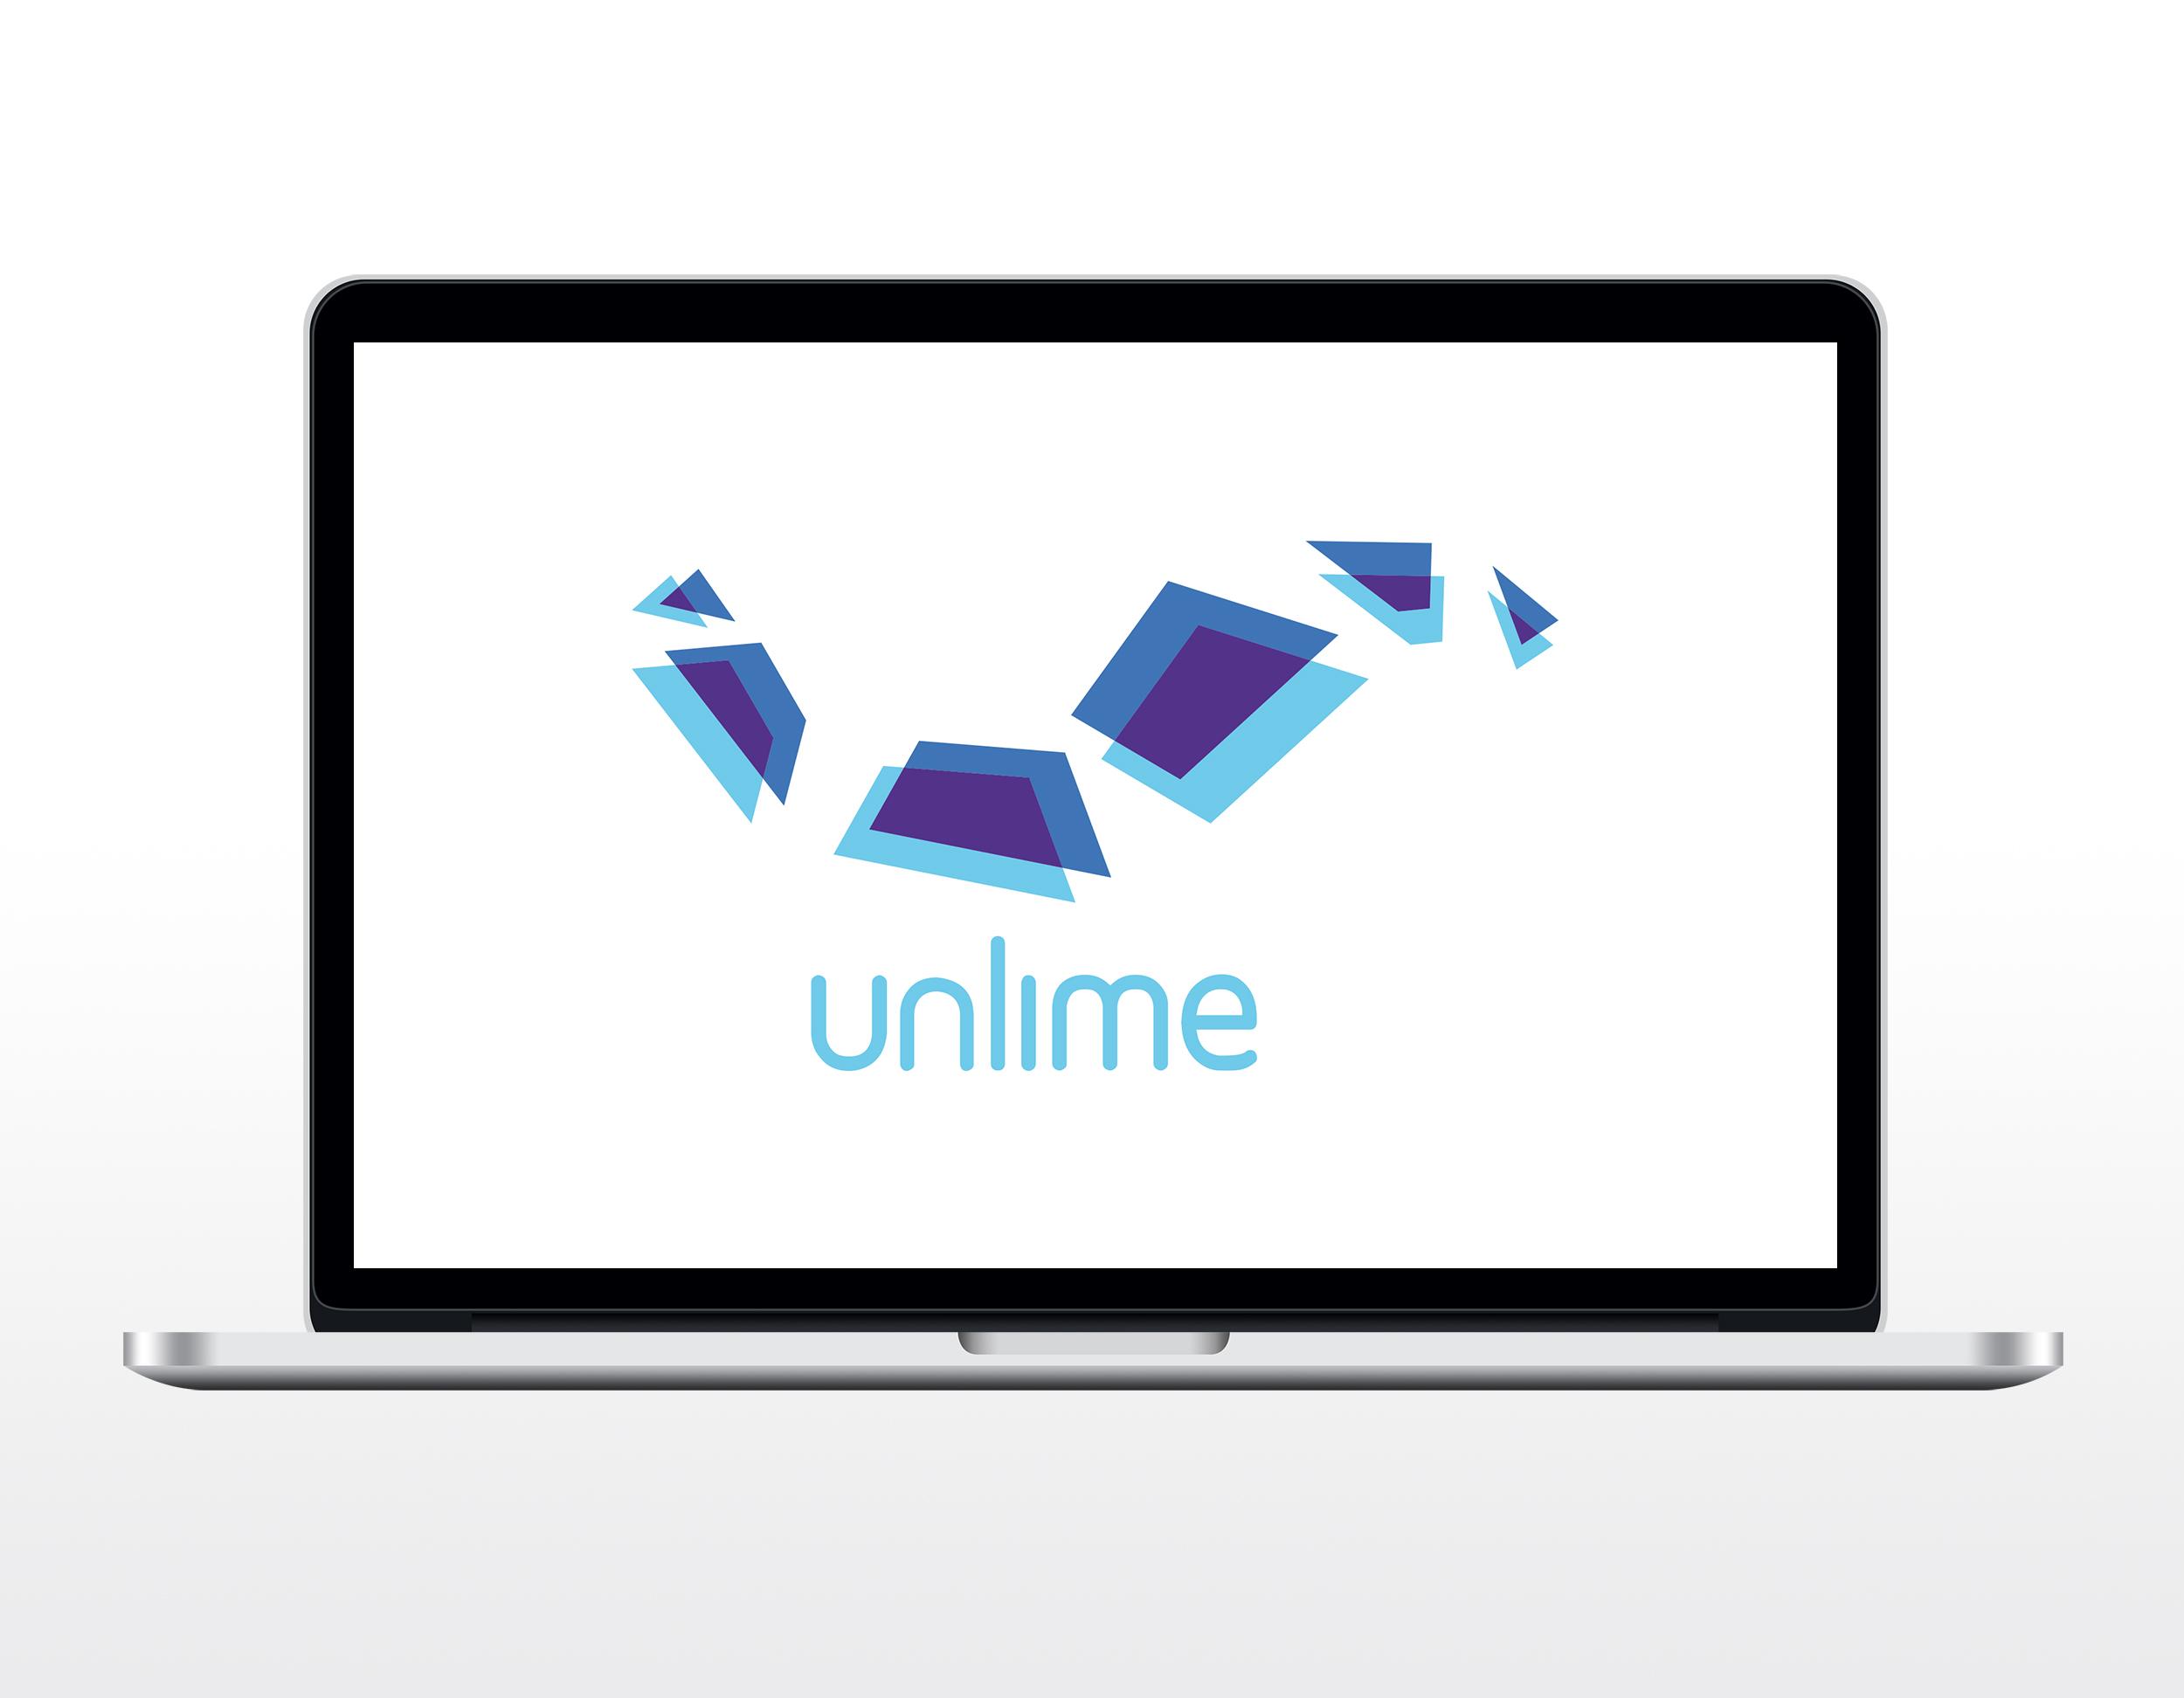 Разработка логотипа и фирменного стиля фото f_3945951e4f2130ef.jpg